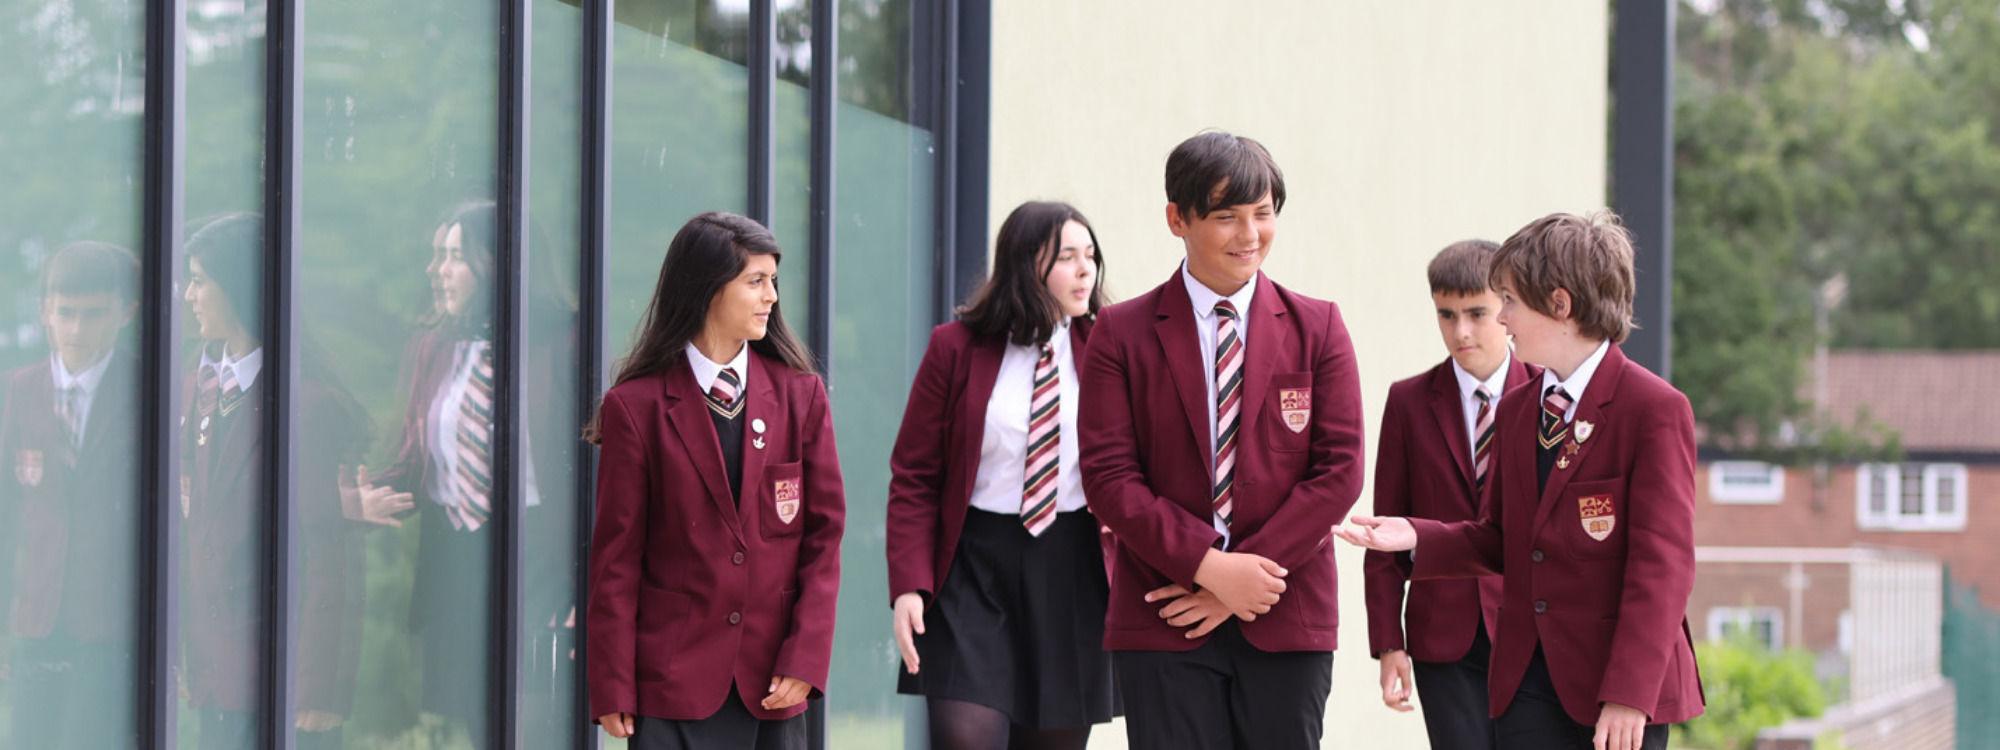 Hertswood academy image 29